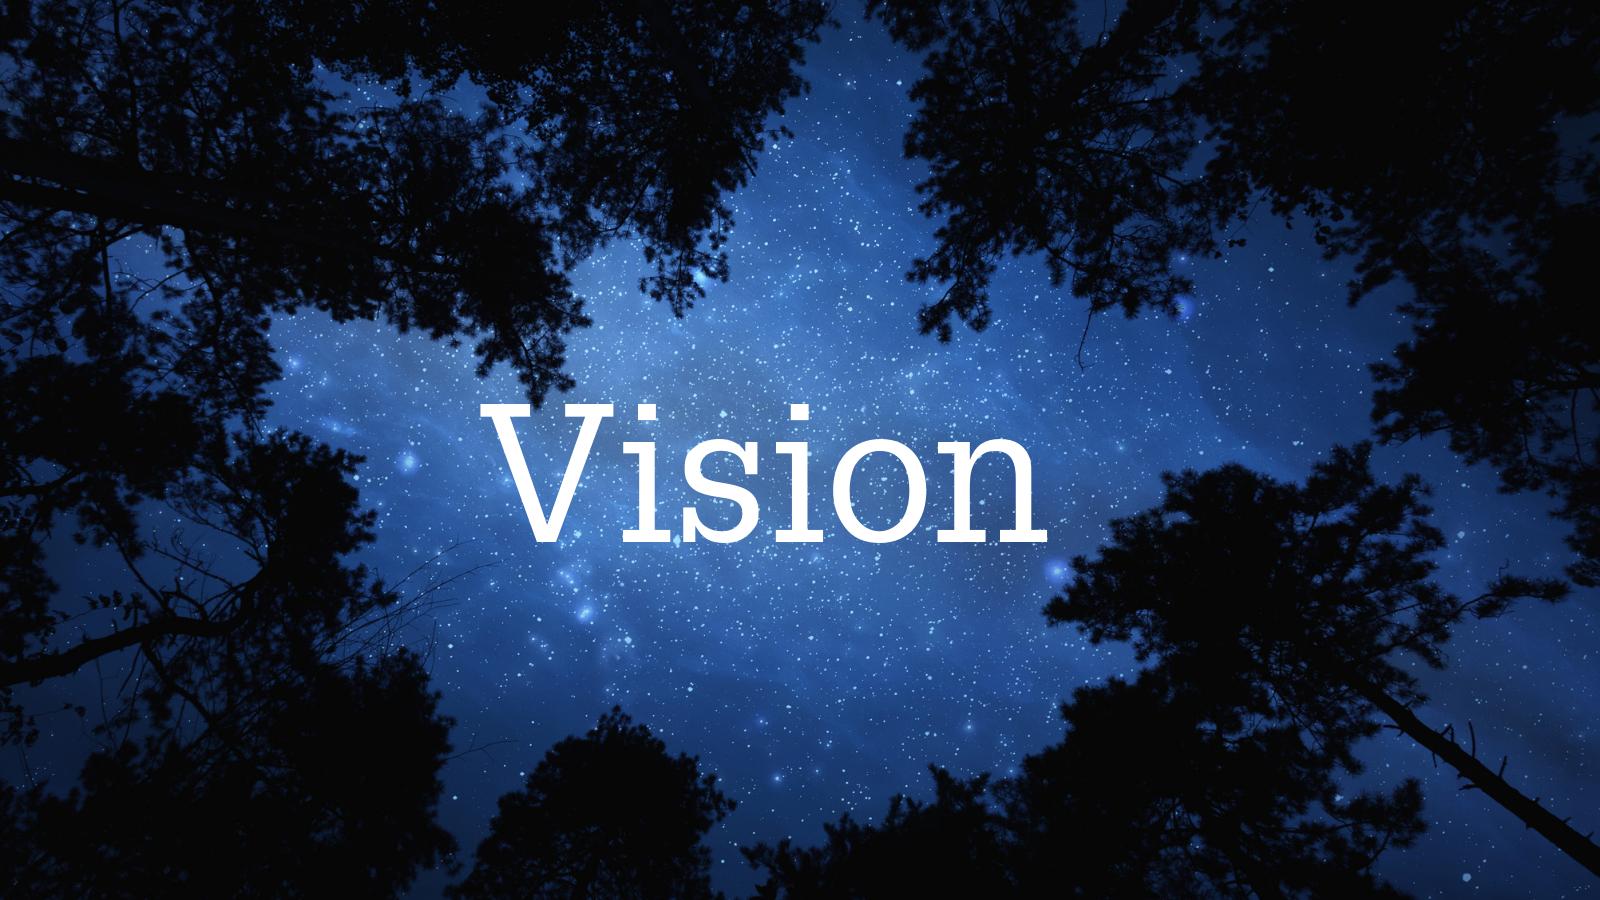 Vision in Sky